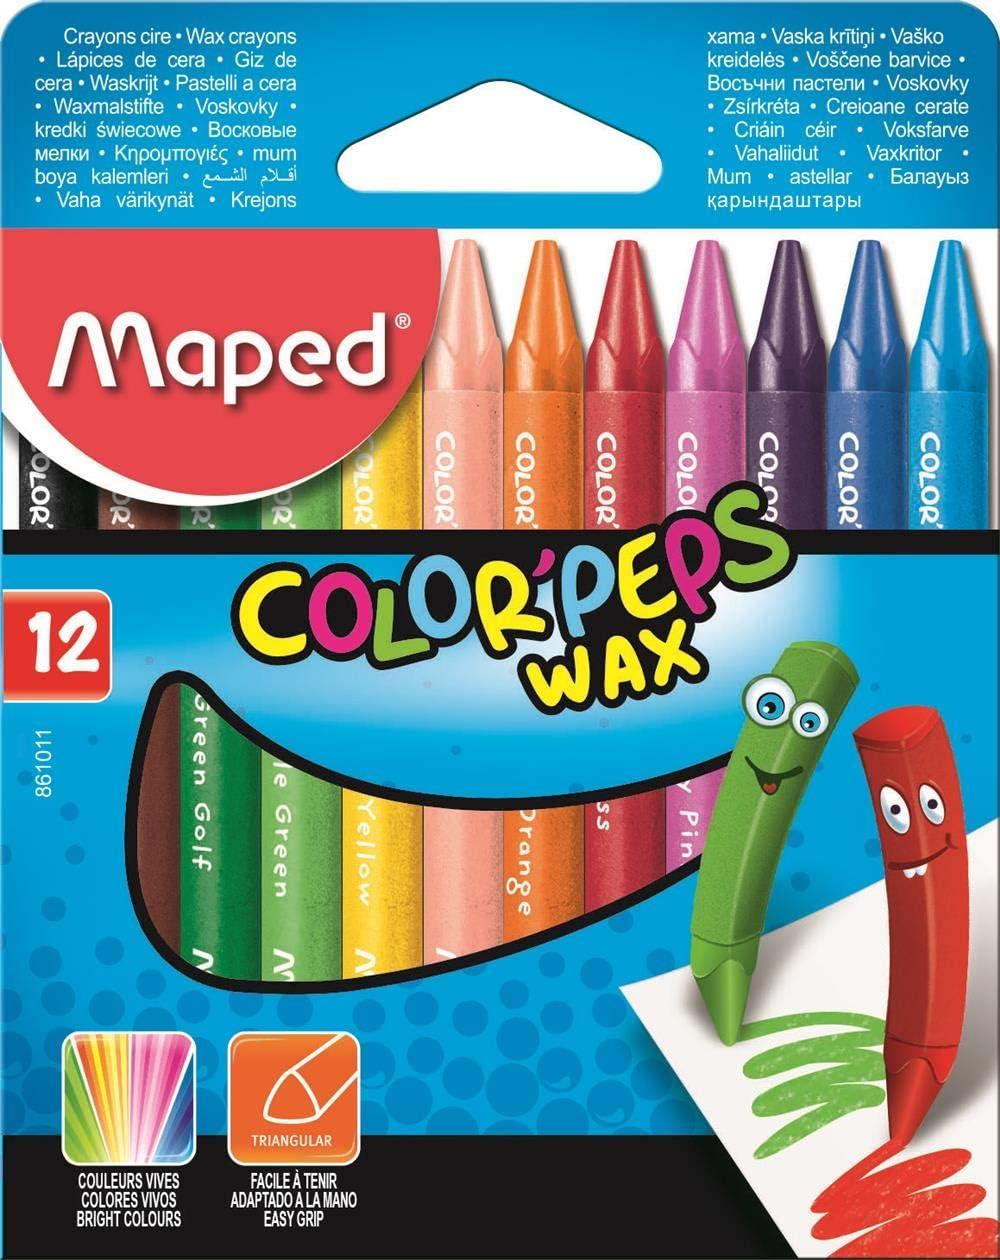 Maped m861011 – Cera rotuladores color peps Wax, 12 unidades): Amazon.es: Oficina y papelería